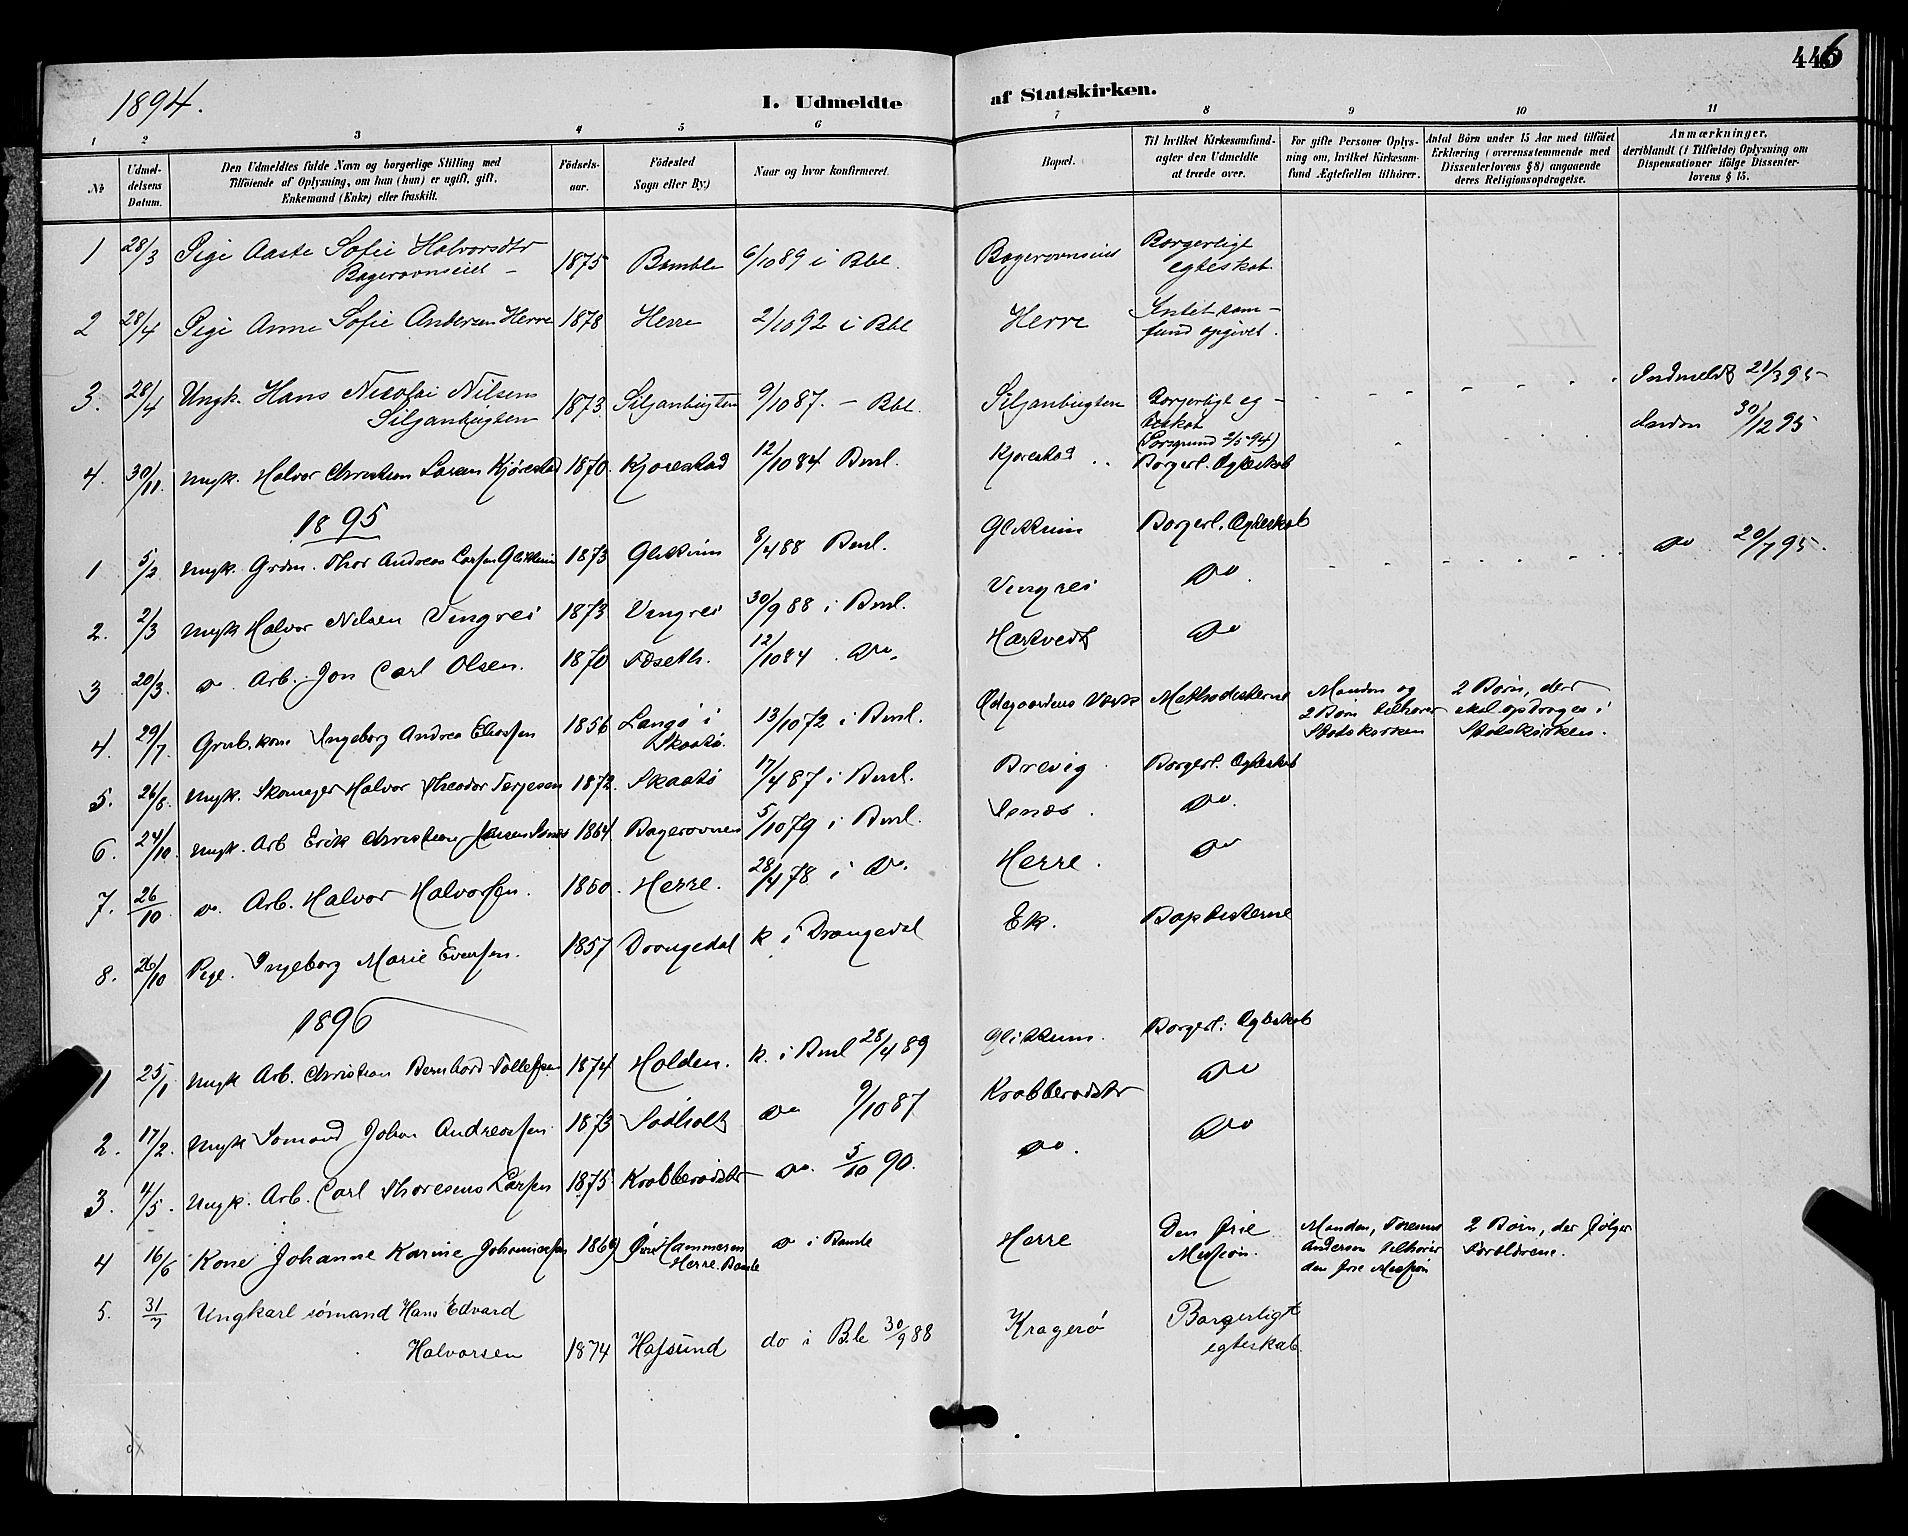 SAKO, Bamble kirkebøker, G/Ga/L0009: Klokkerbok nr. I 9, 1888-1900, s. 446